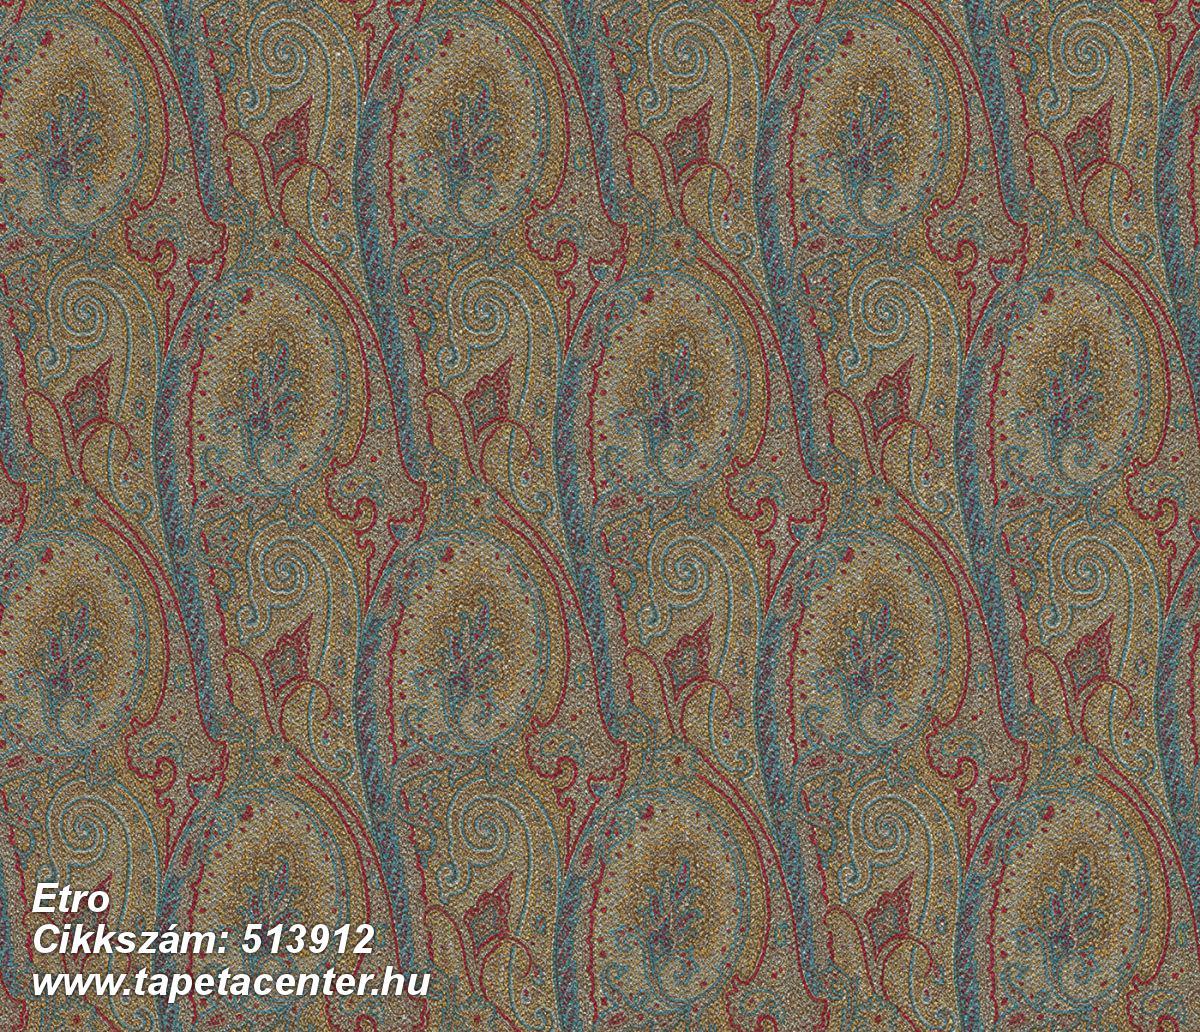 Absztrakt,különleges felületű,különleges motívumos,rajzolt,textilmintás,virágmintás,barna,kék,piros-bordó,vajszín,zöld,lemosható,Vlies tapéta